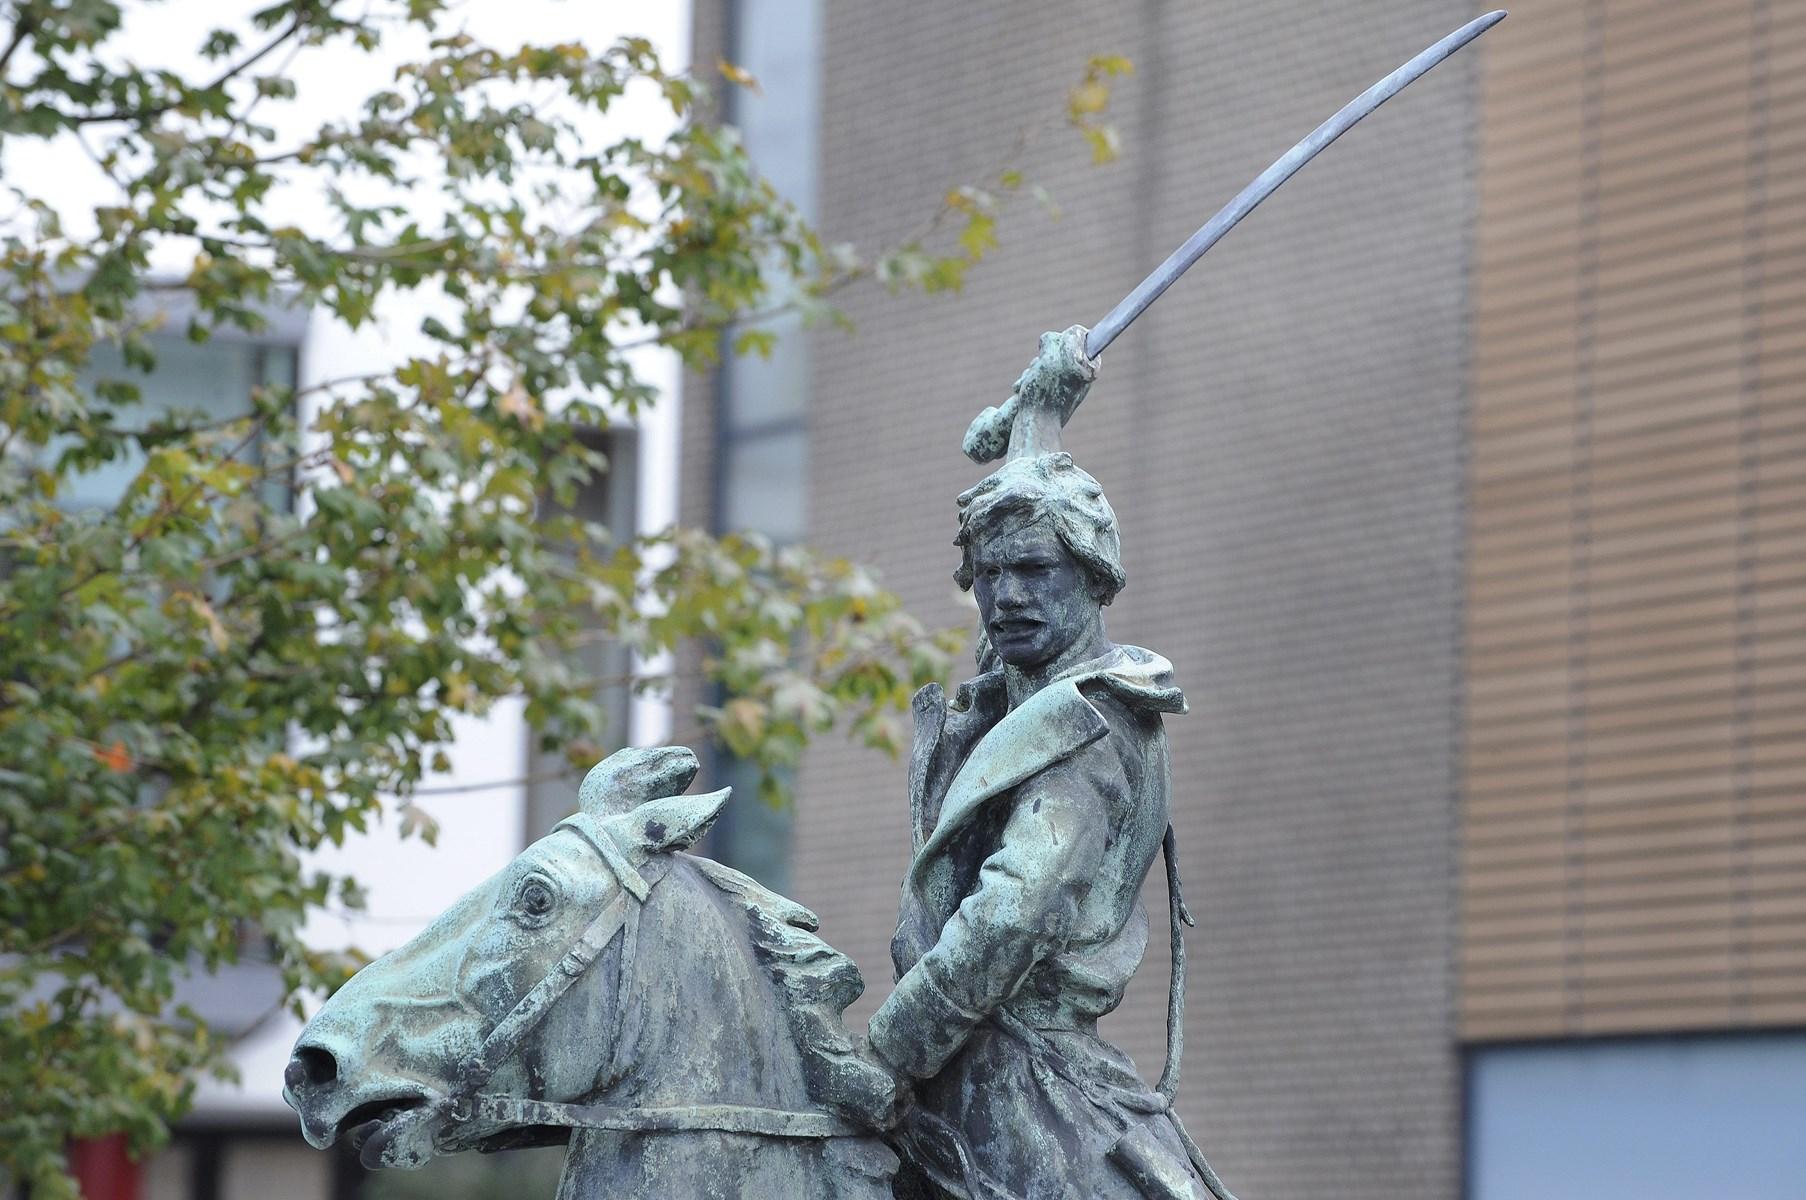 Det er slut med bronzesværd på kosakken - når den bliver bevæbnet er det med sværd i plastmateriale. Arkivfoto: Michael Bygballe